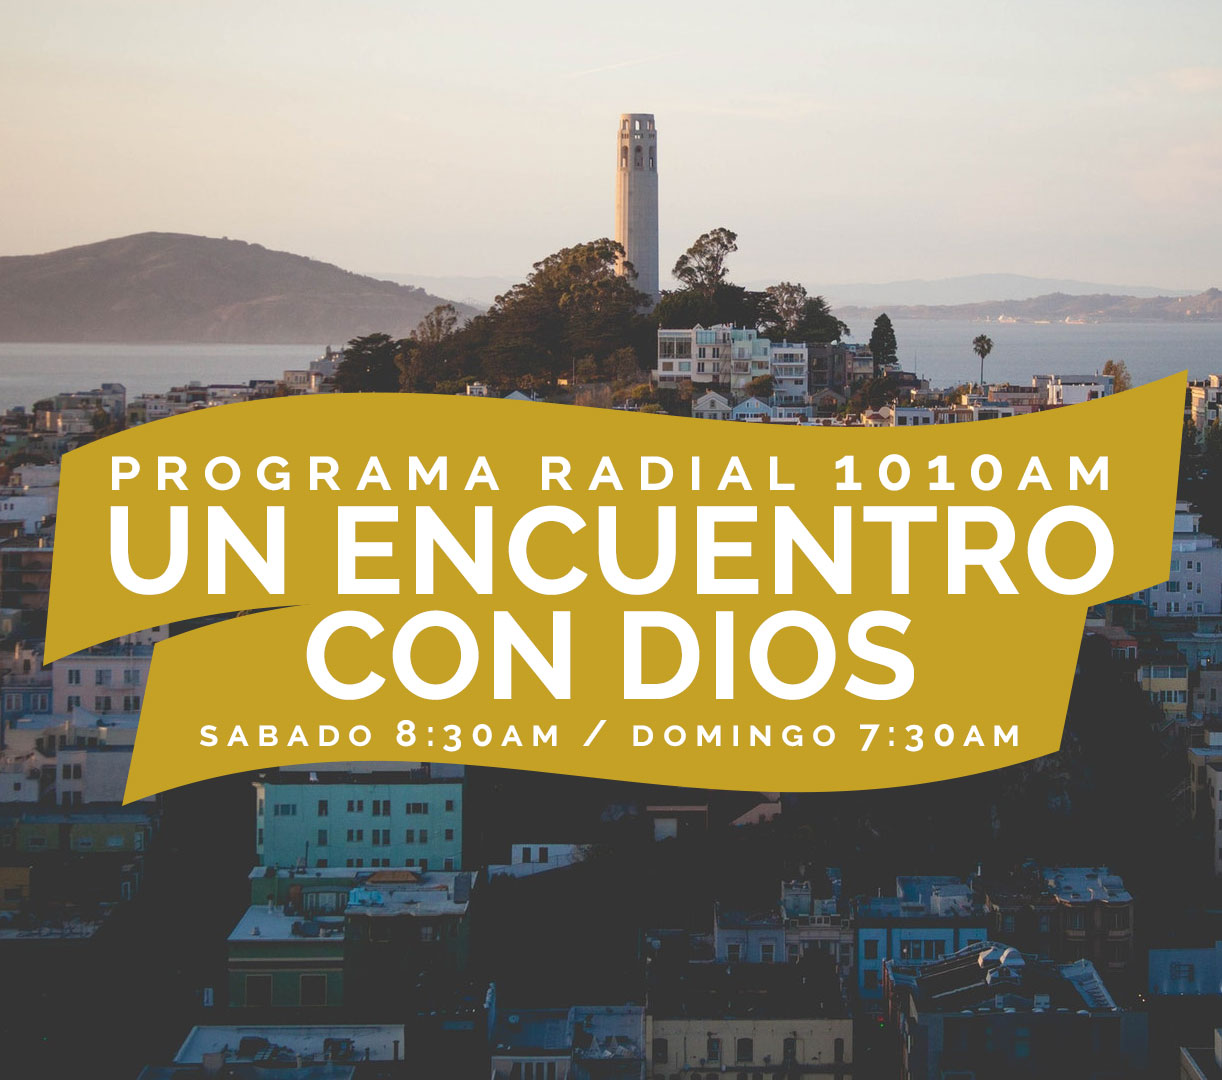 Un Encuentro con Dios